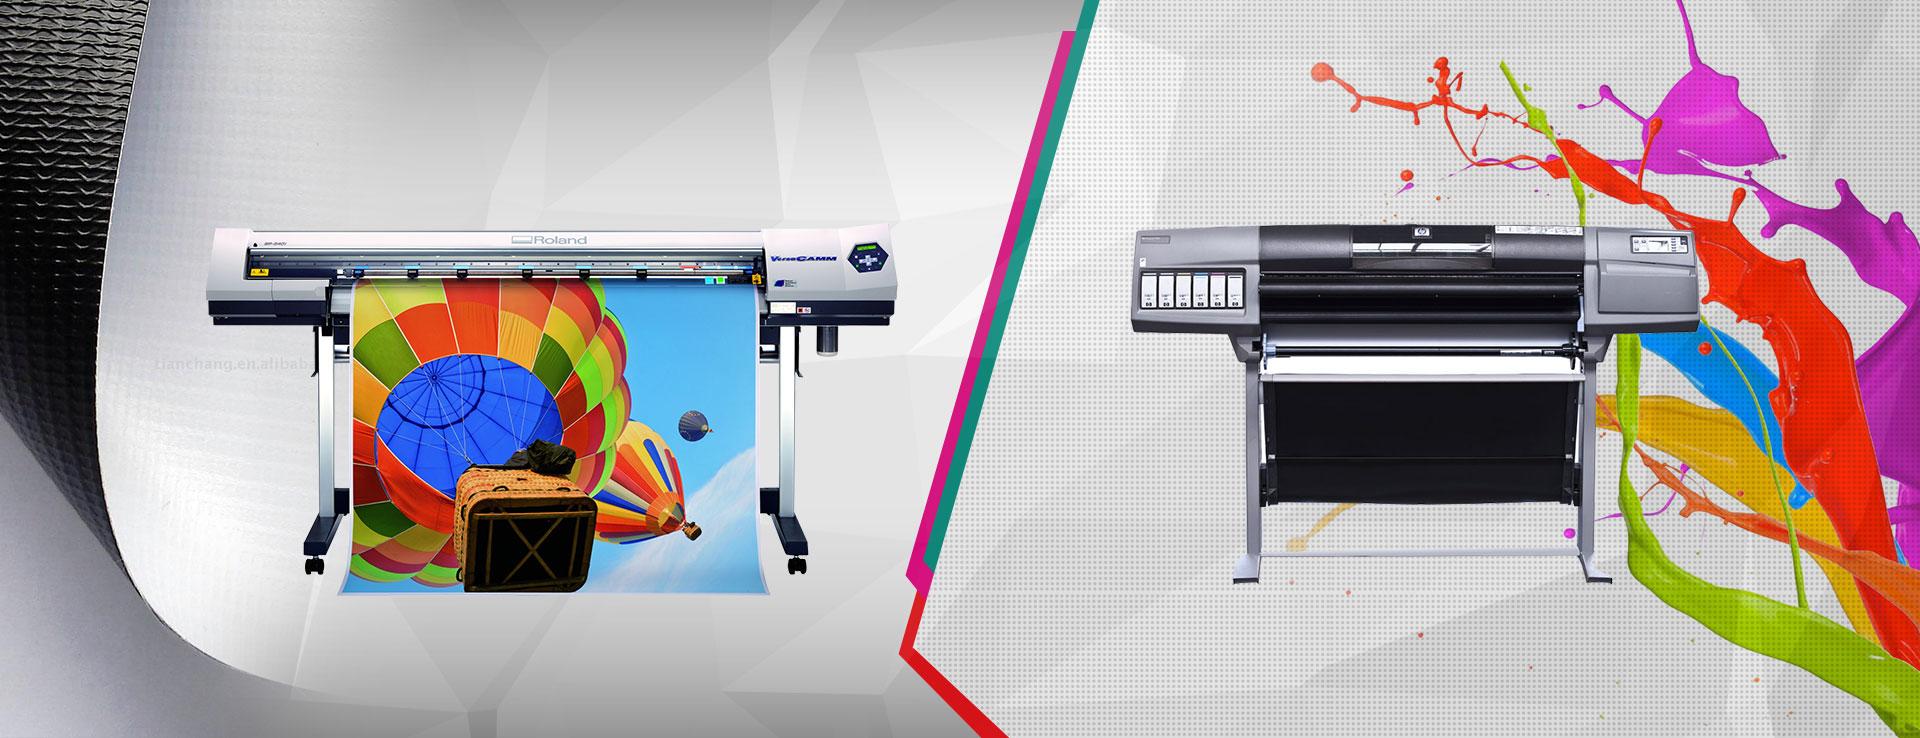 Best digital photo printing sites